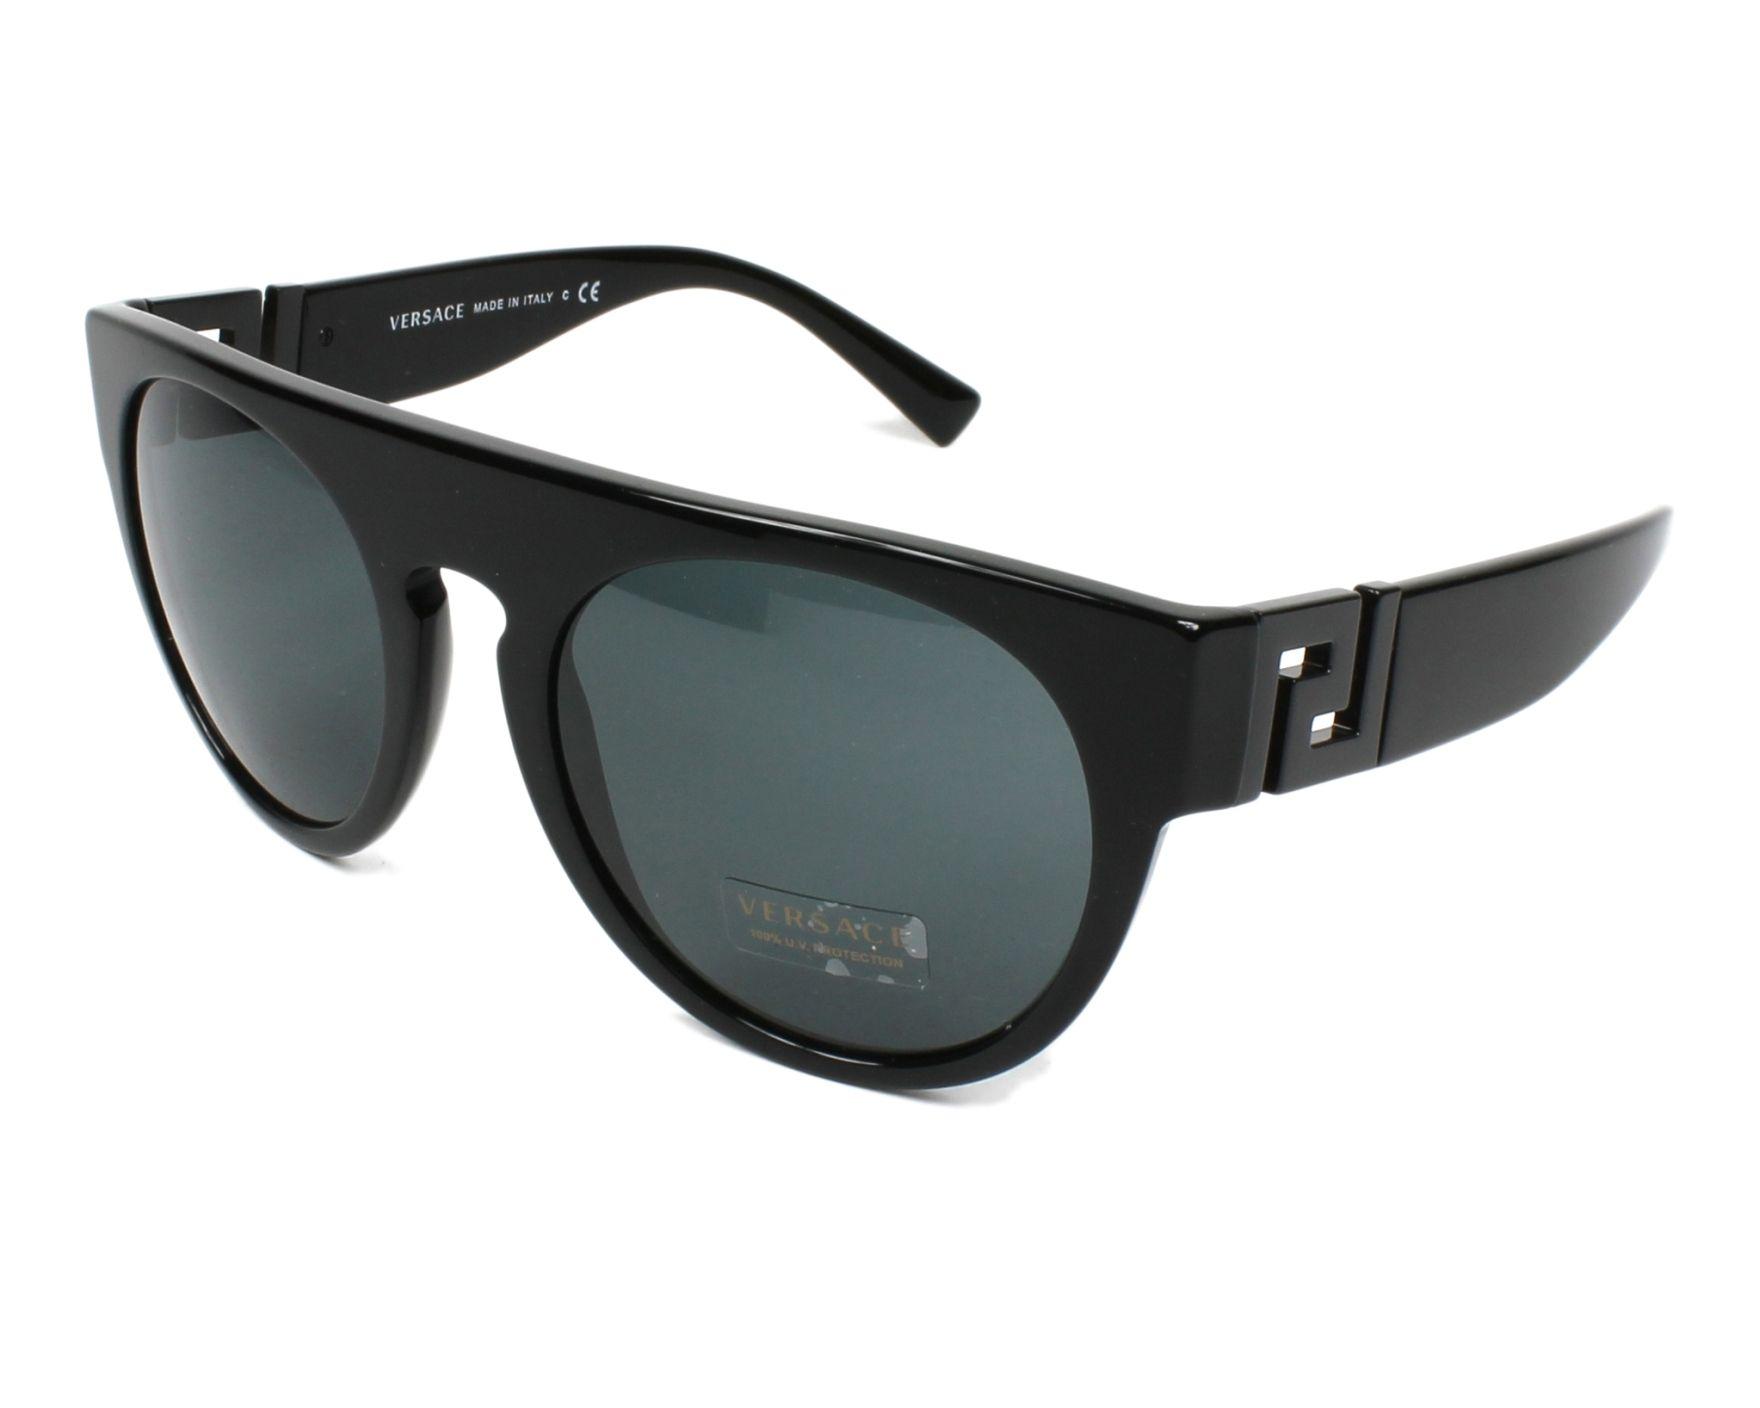 lunettes de soleil versace ve 4333 523287 noir avec des verres gris pour hommes. Black Bedroom Furniture Sets. Home Design Ideas